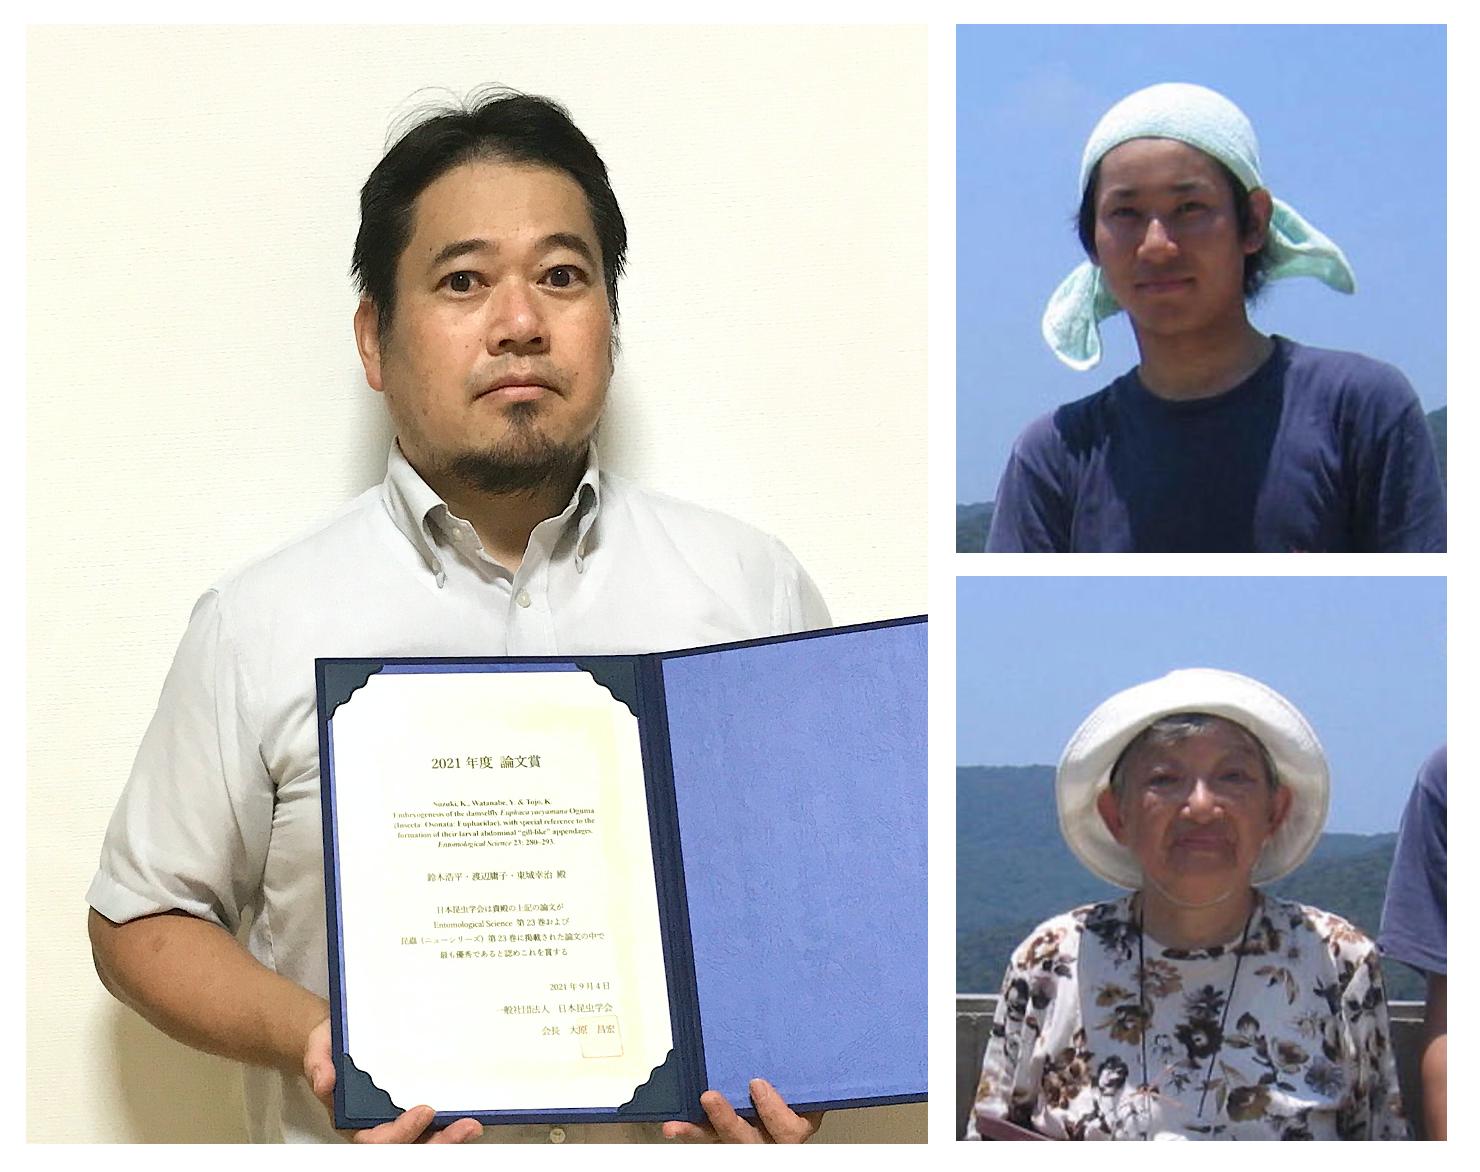 写真1:受賞の賞状をもつ東城(左)、鈴木浩平さん(右上)、渡辺庸子さん(右下)